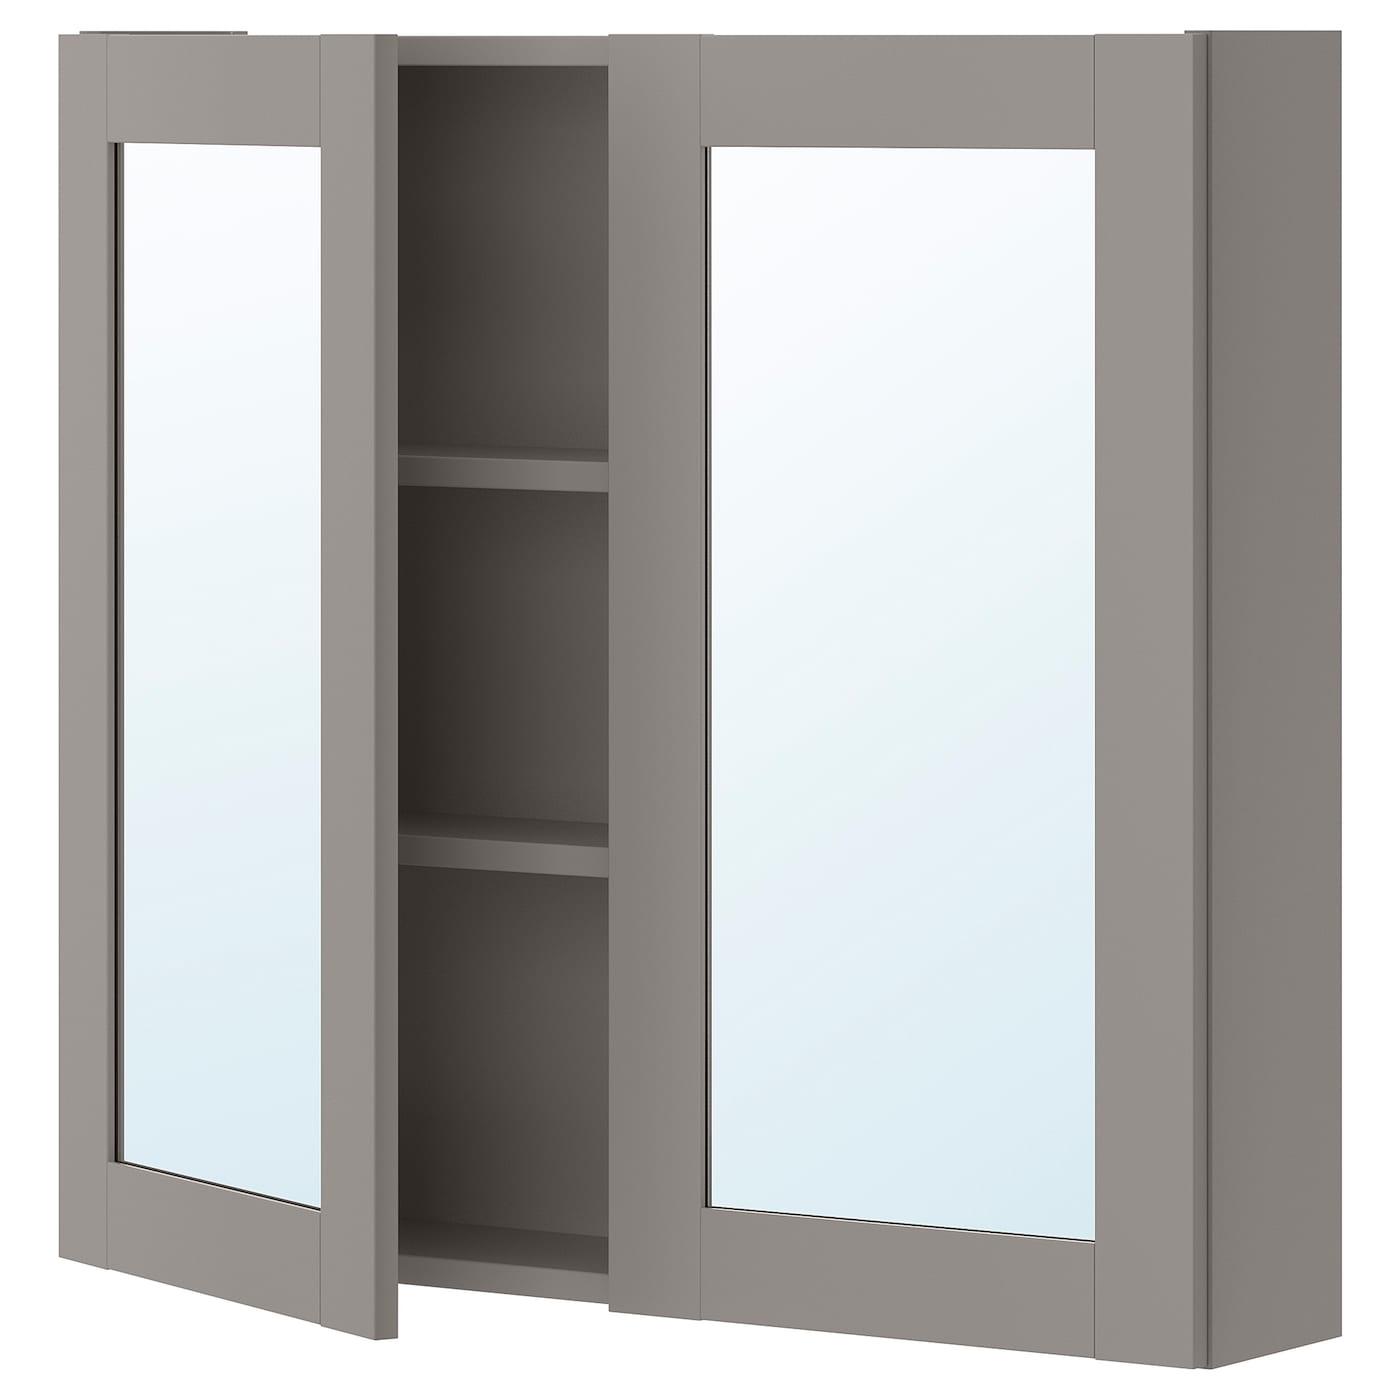 ENHET Spiegelschrank 2 Türen